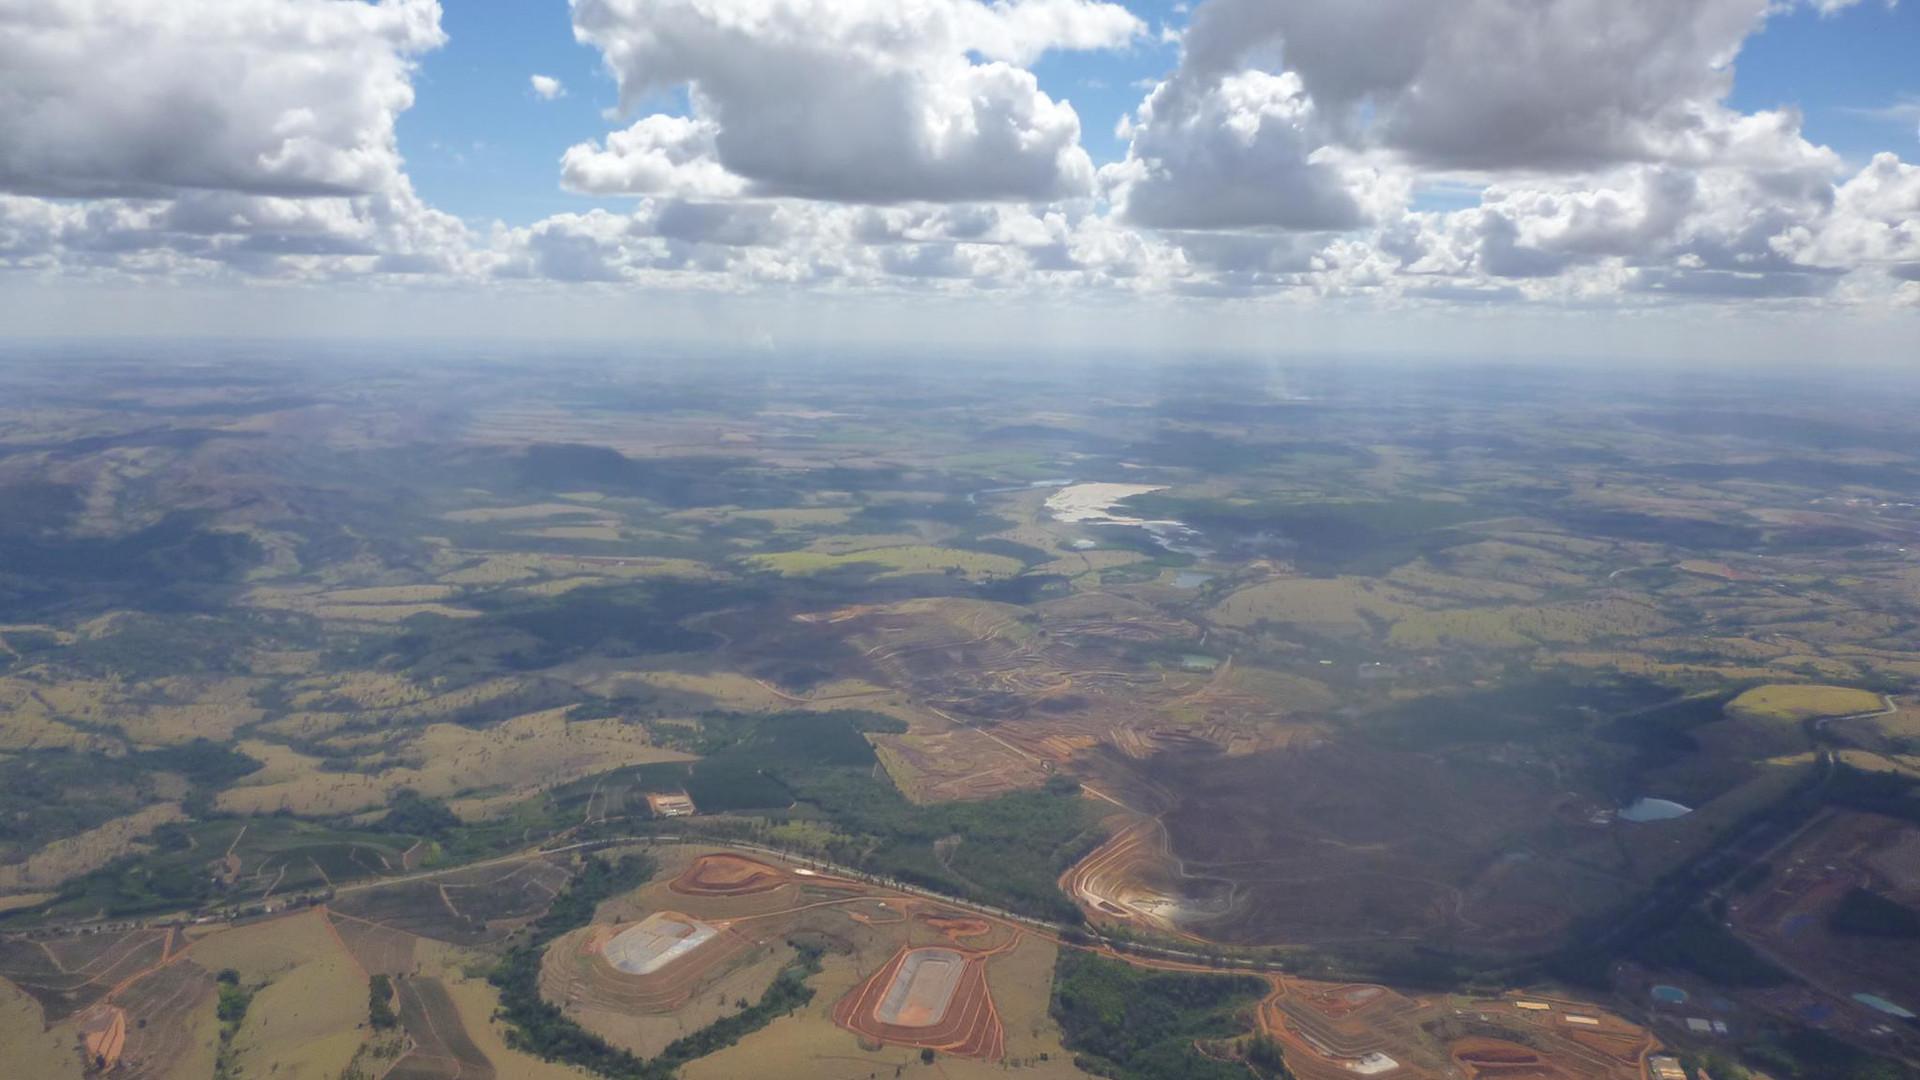 Classic sky of Minas Gerais